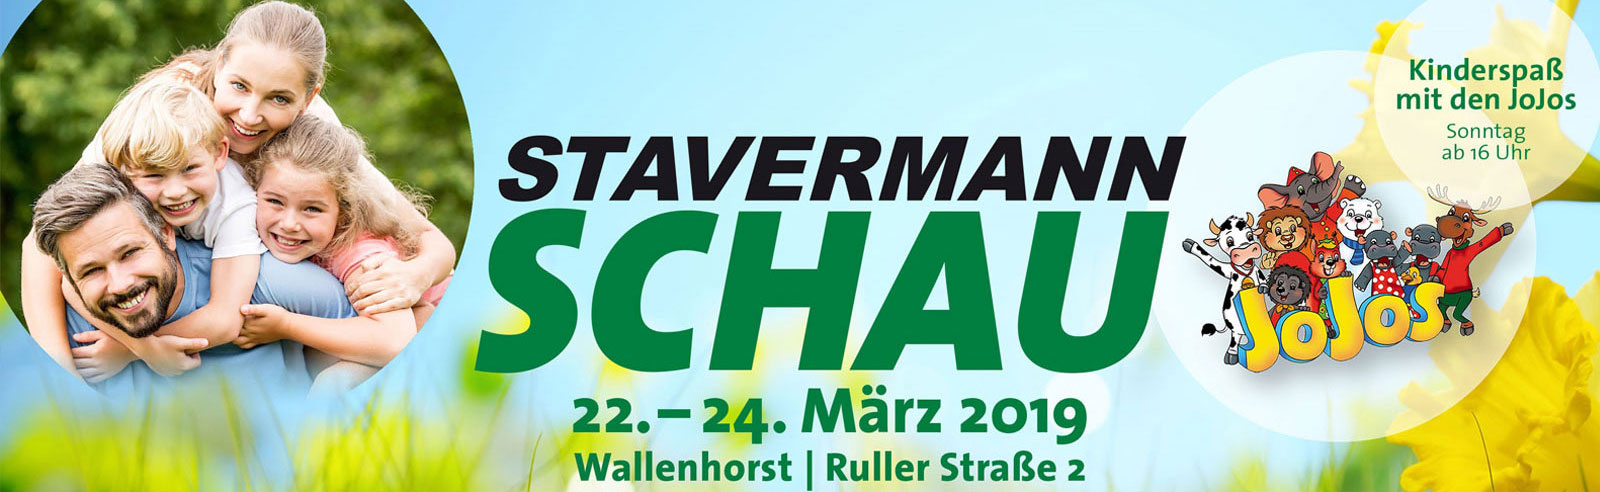 Stavermannschau 2019